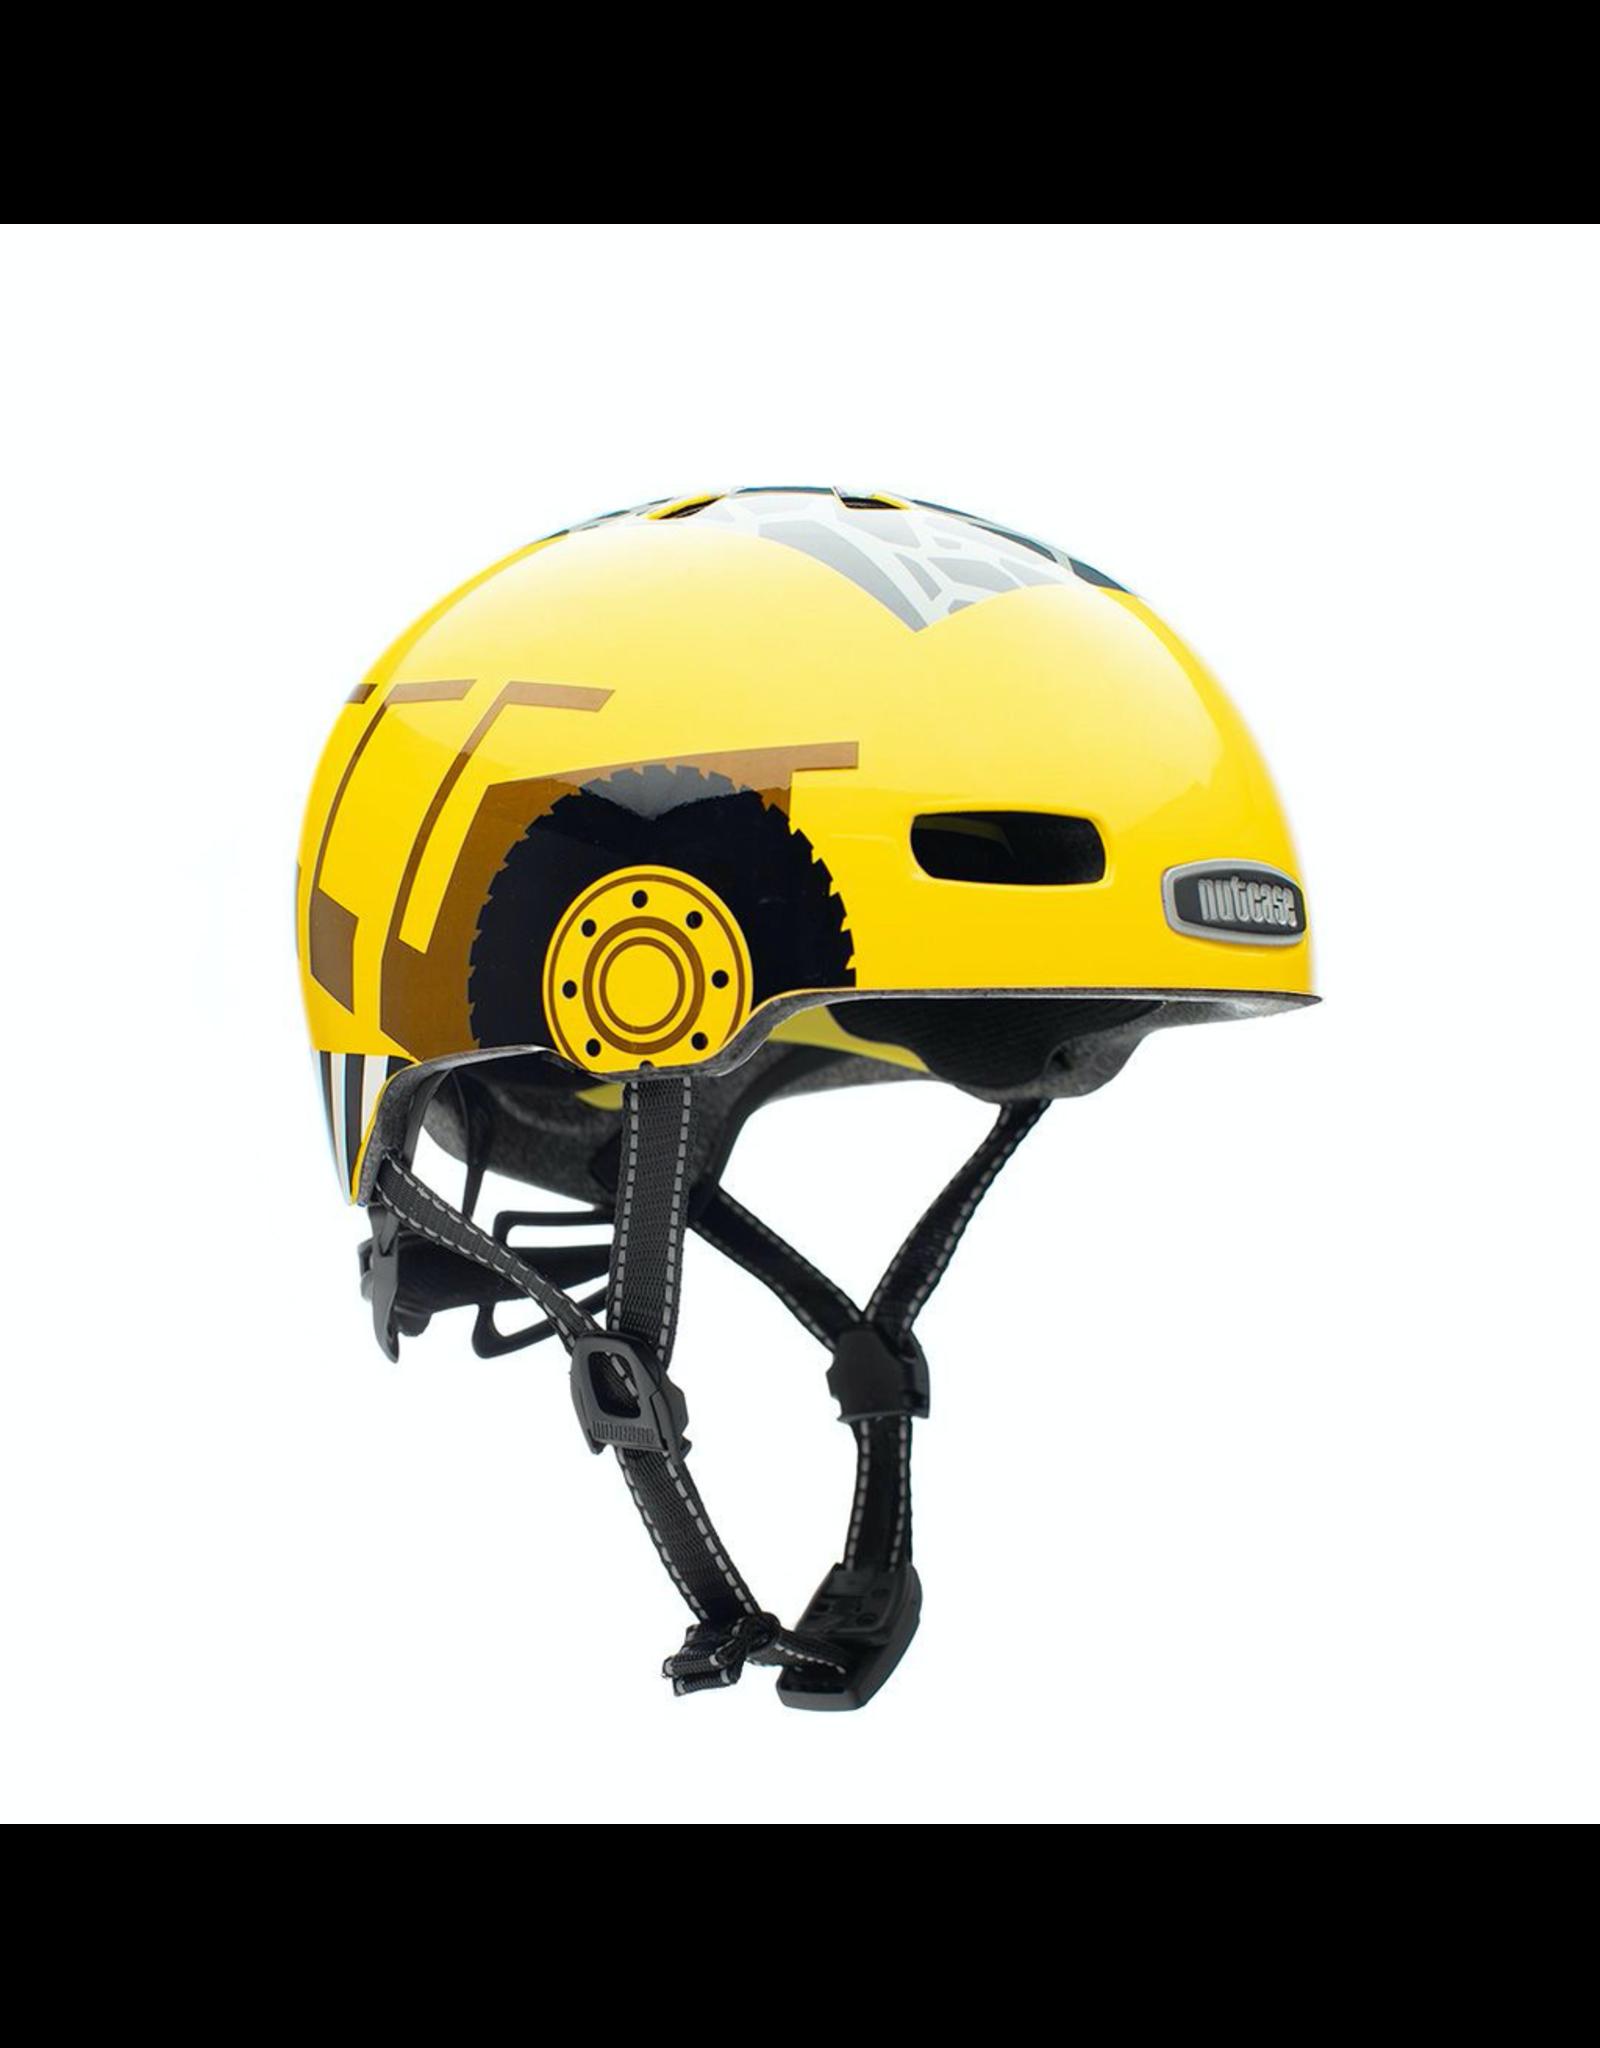 Nutcase Little Nutty Dig Me Gloss Mips Helmet  - Y